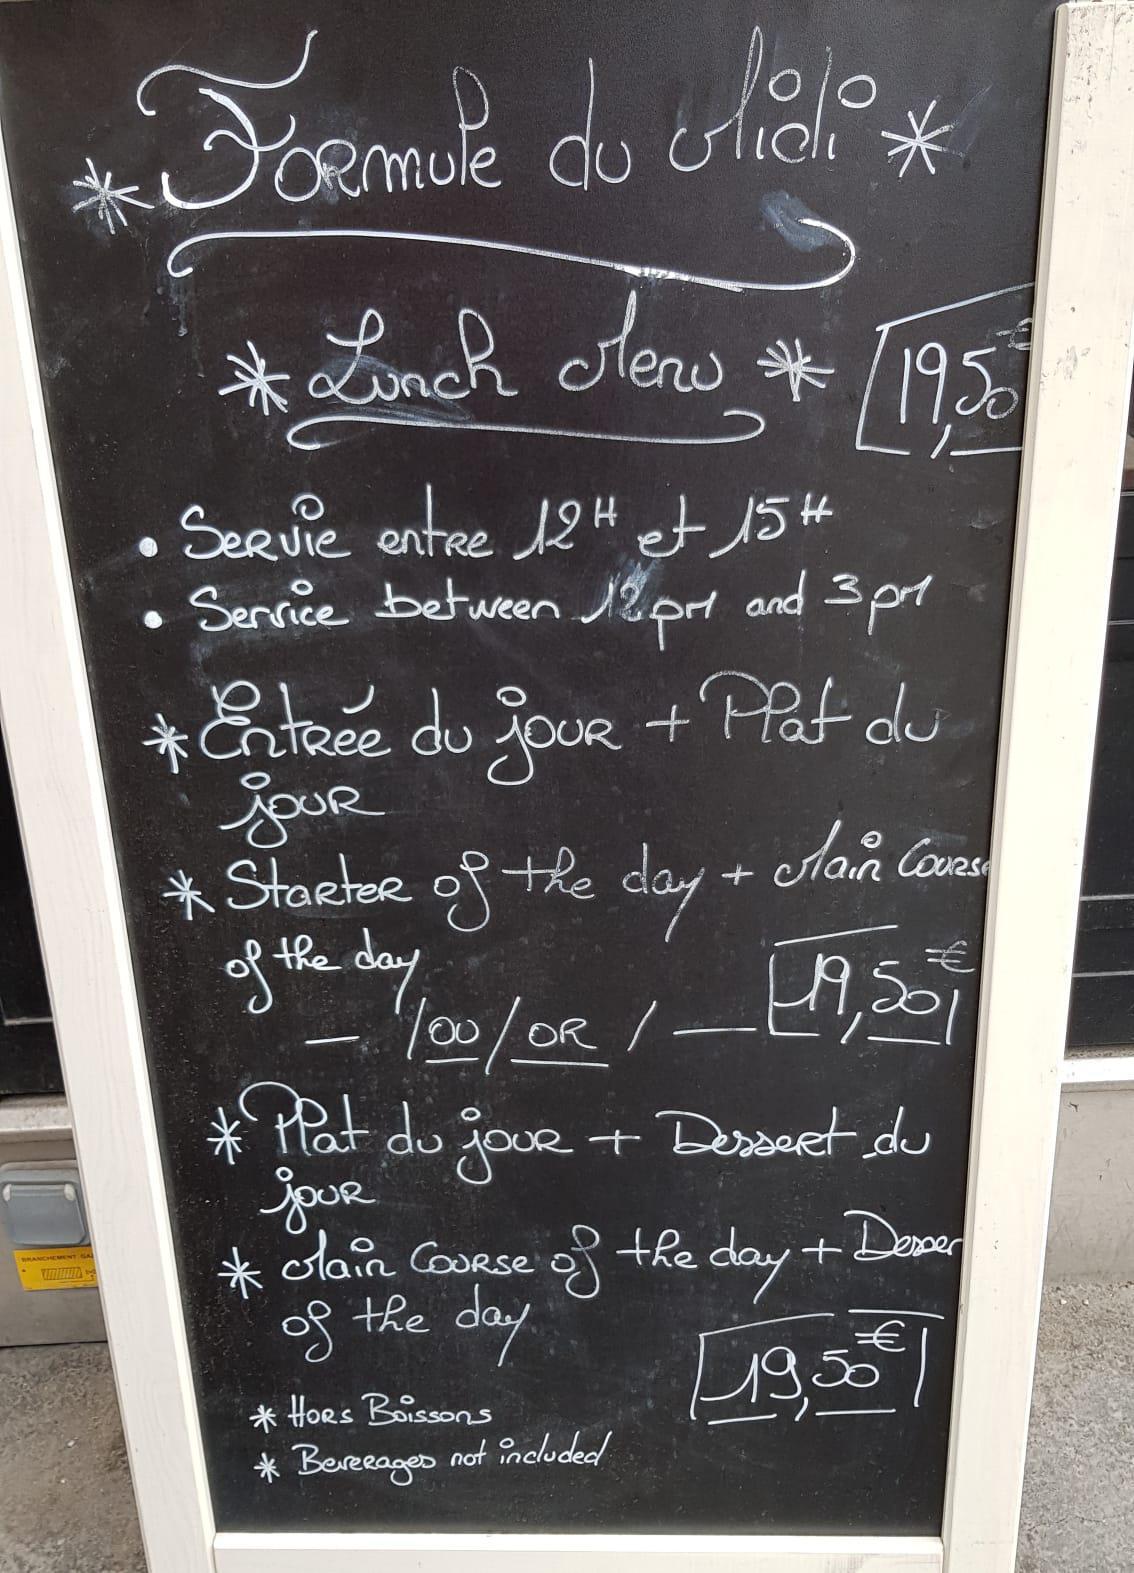 Brasserie Tour Eiffel